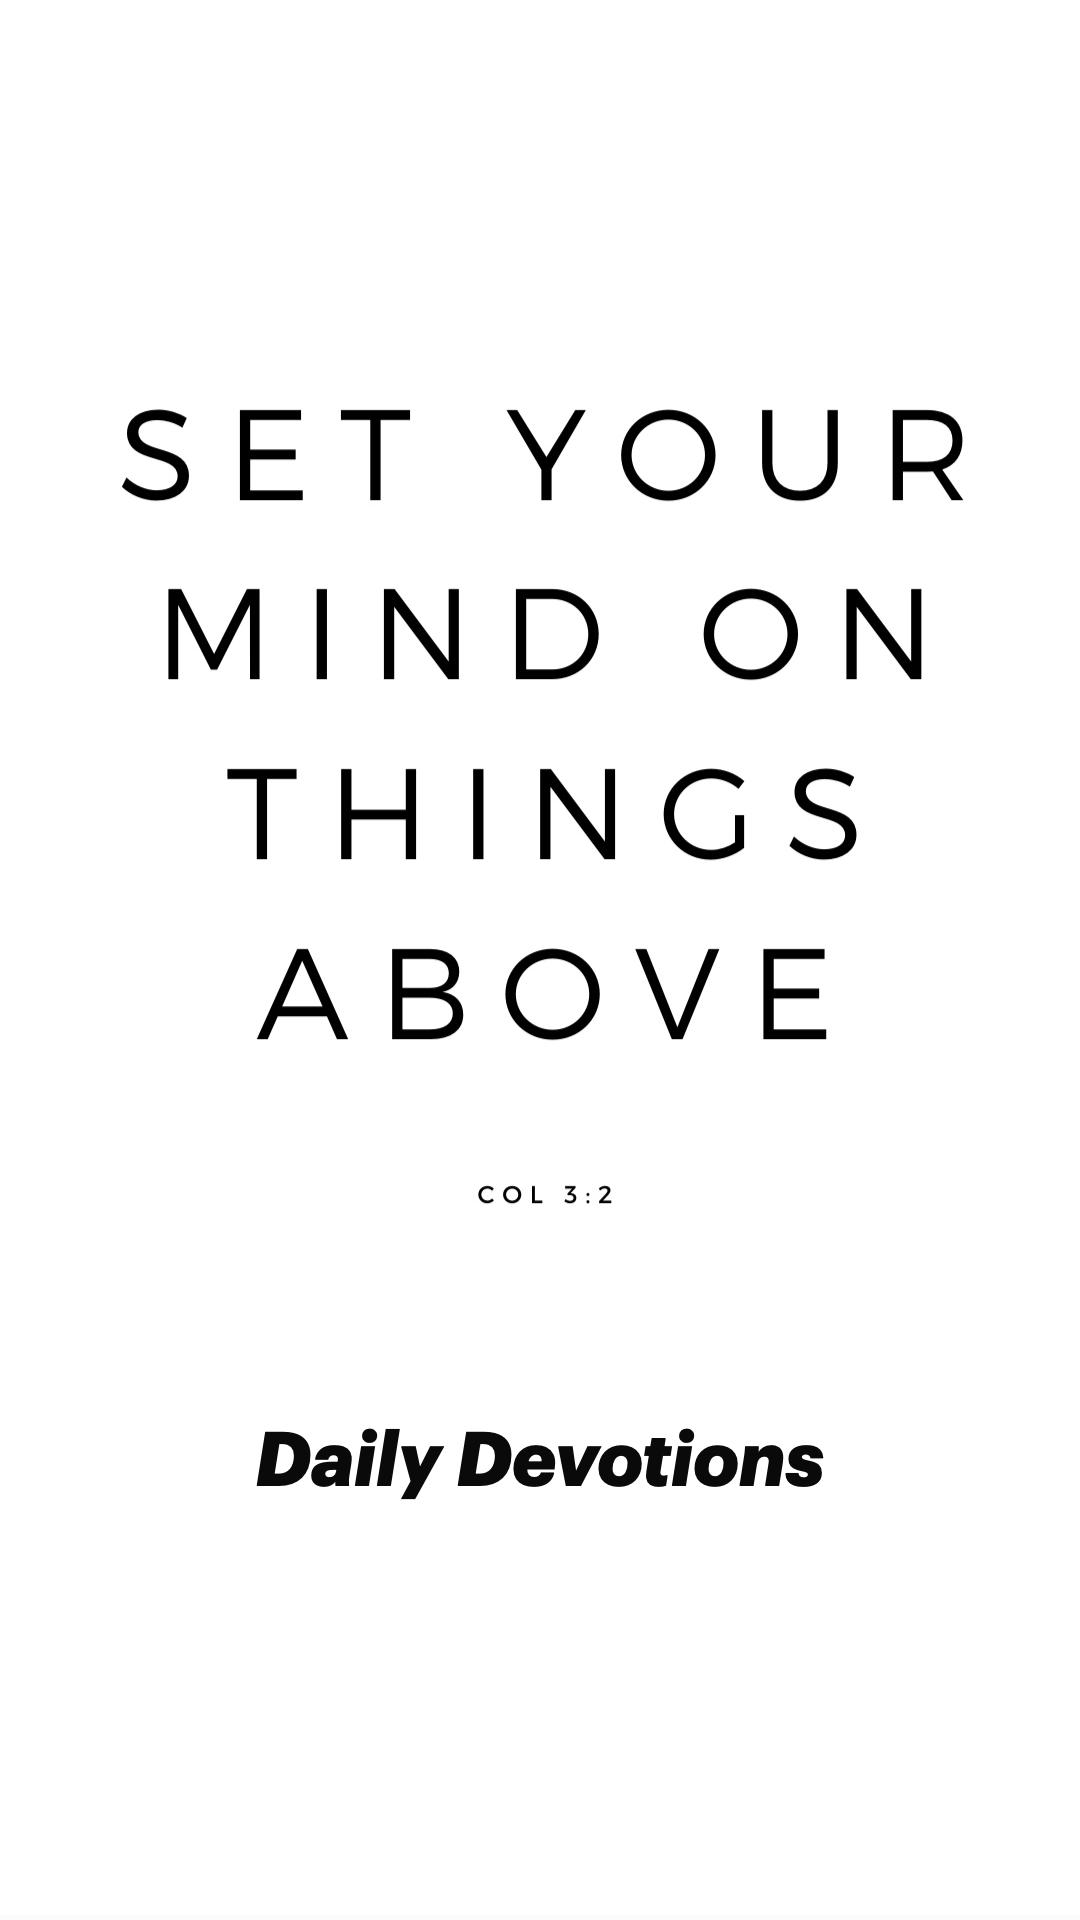 Faith Daily Devotions